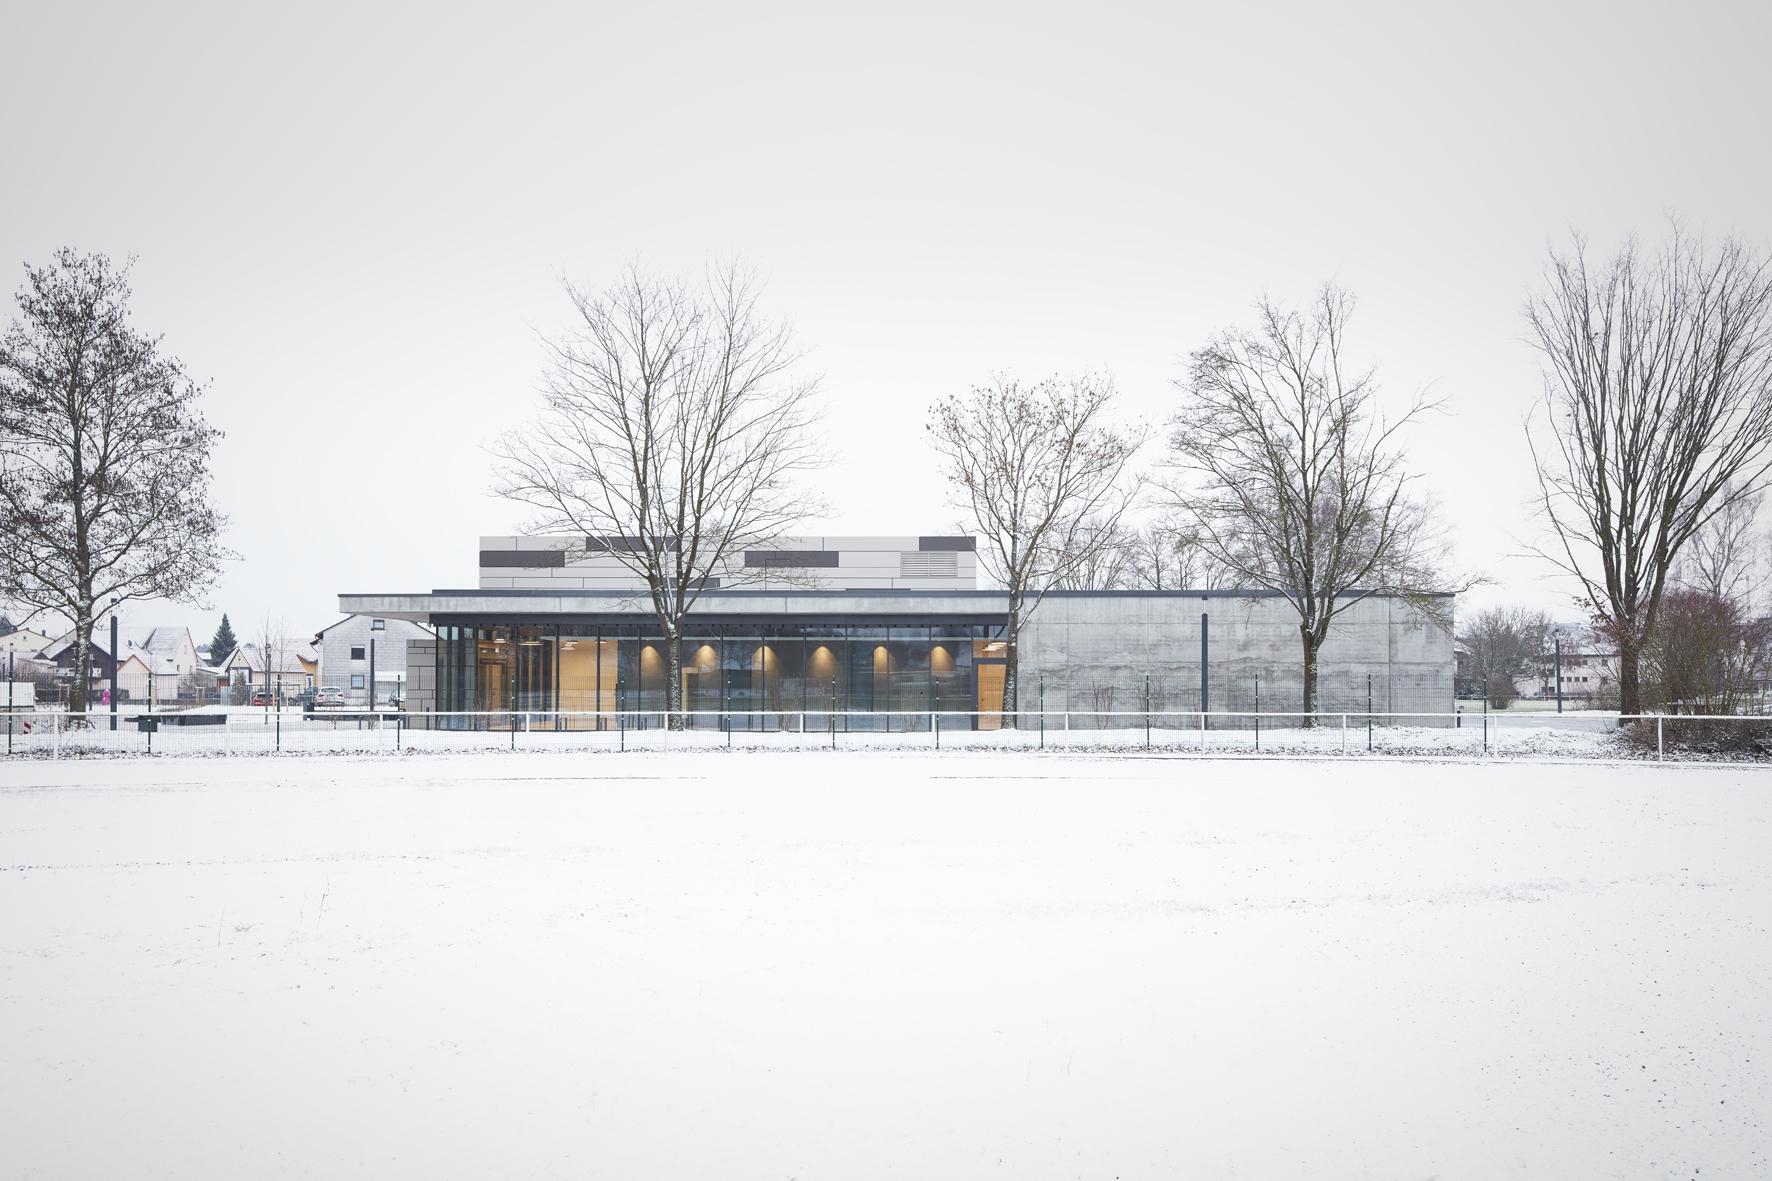 2018, Sanierung Merhzweckhalle, Massenbachhausen